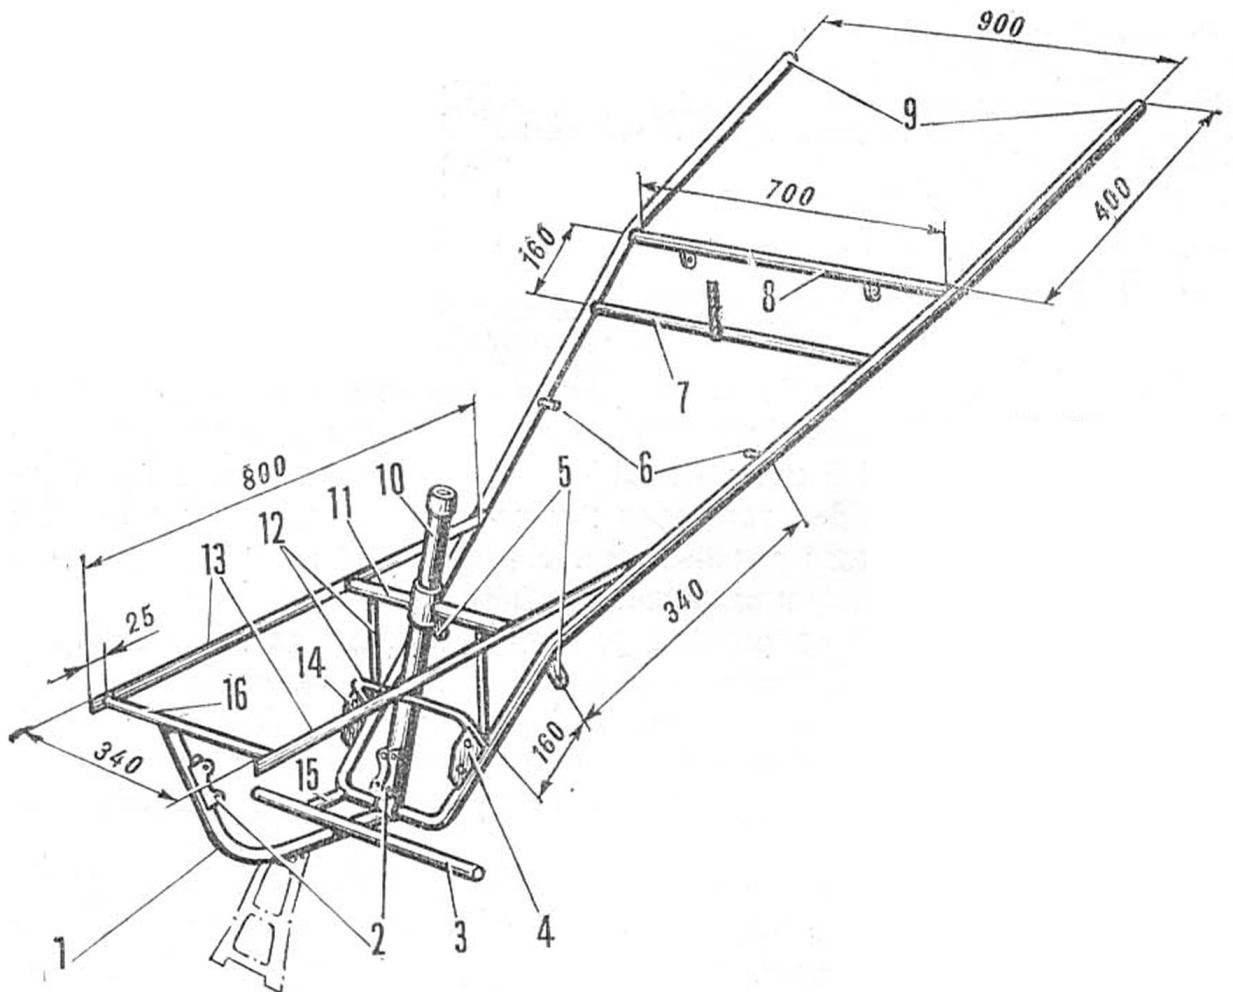 Fig. 2. The frame design